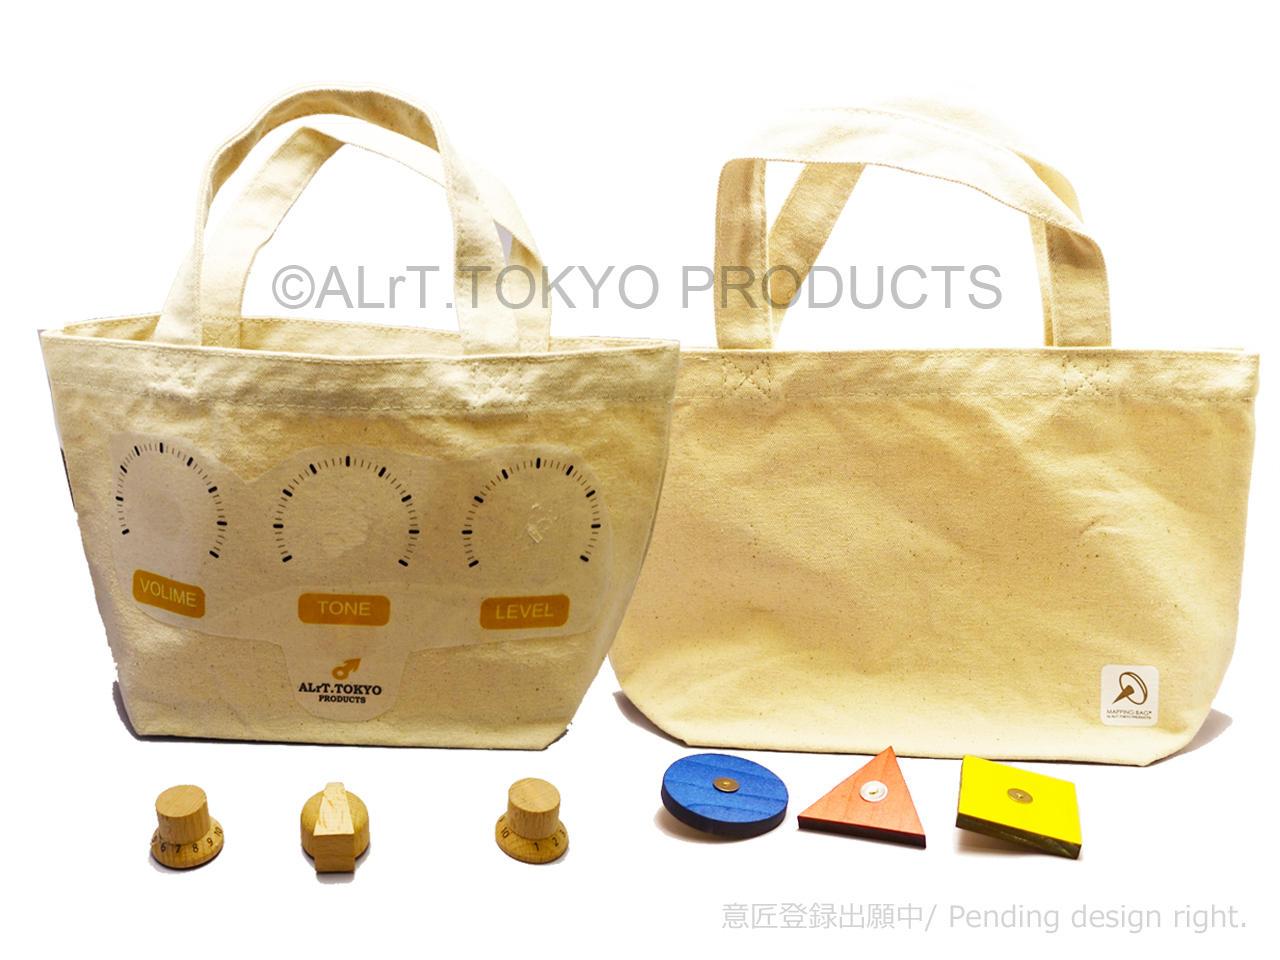 http://alrt.tokyo/news/sample_pict_nobadge.jpg